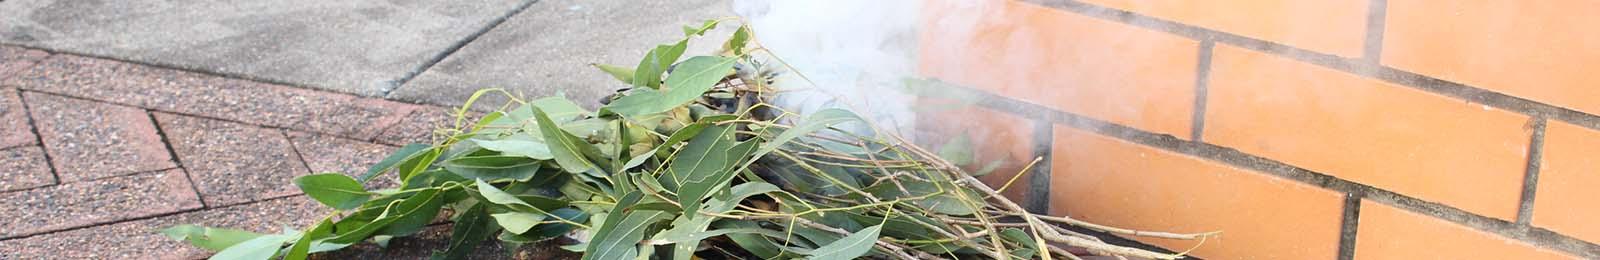 Image of leaves burning